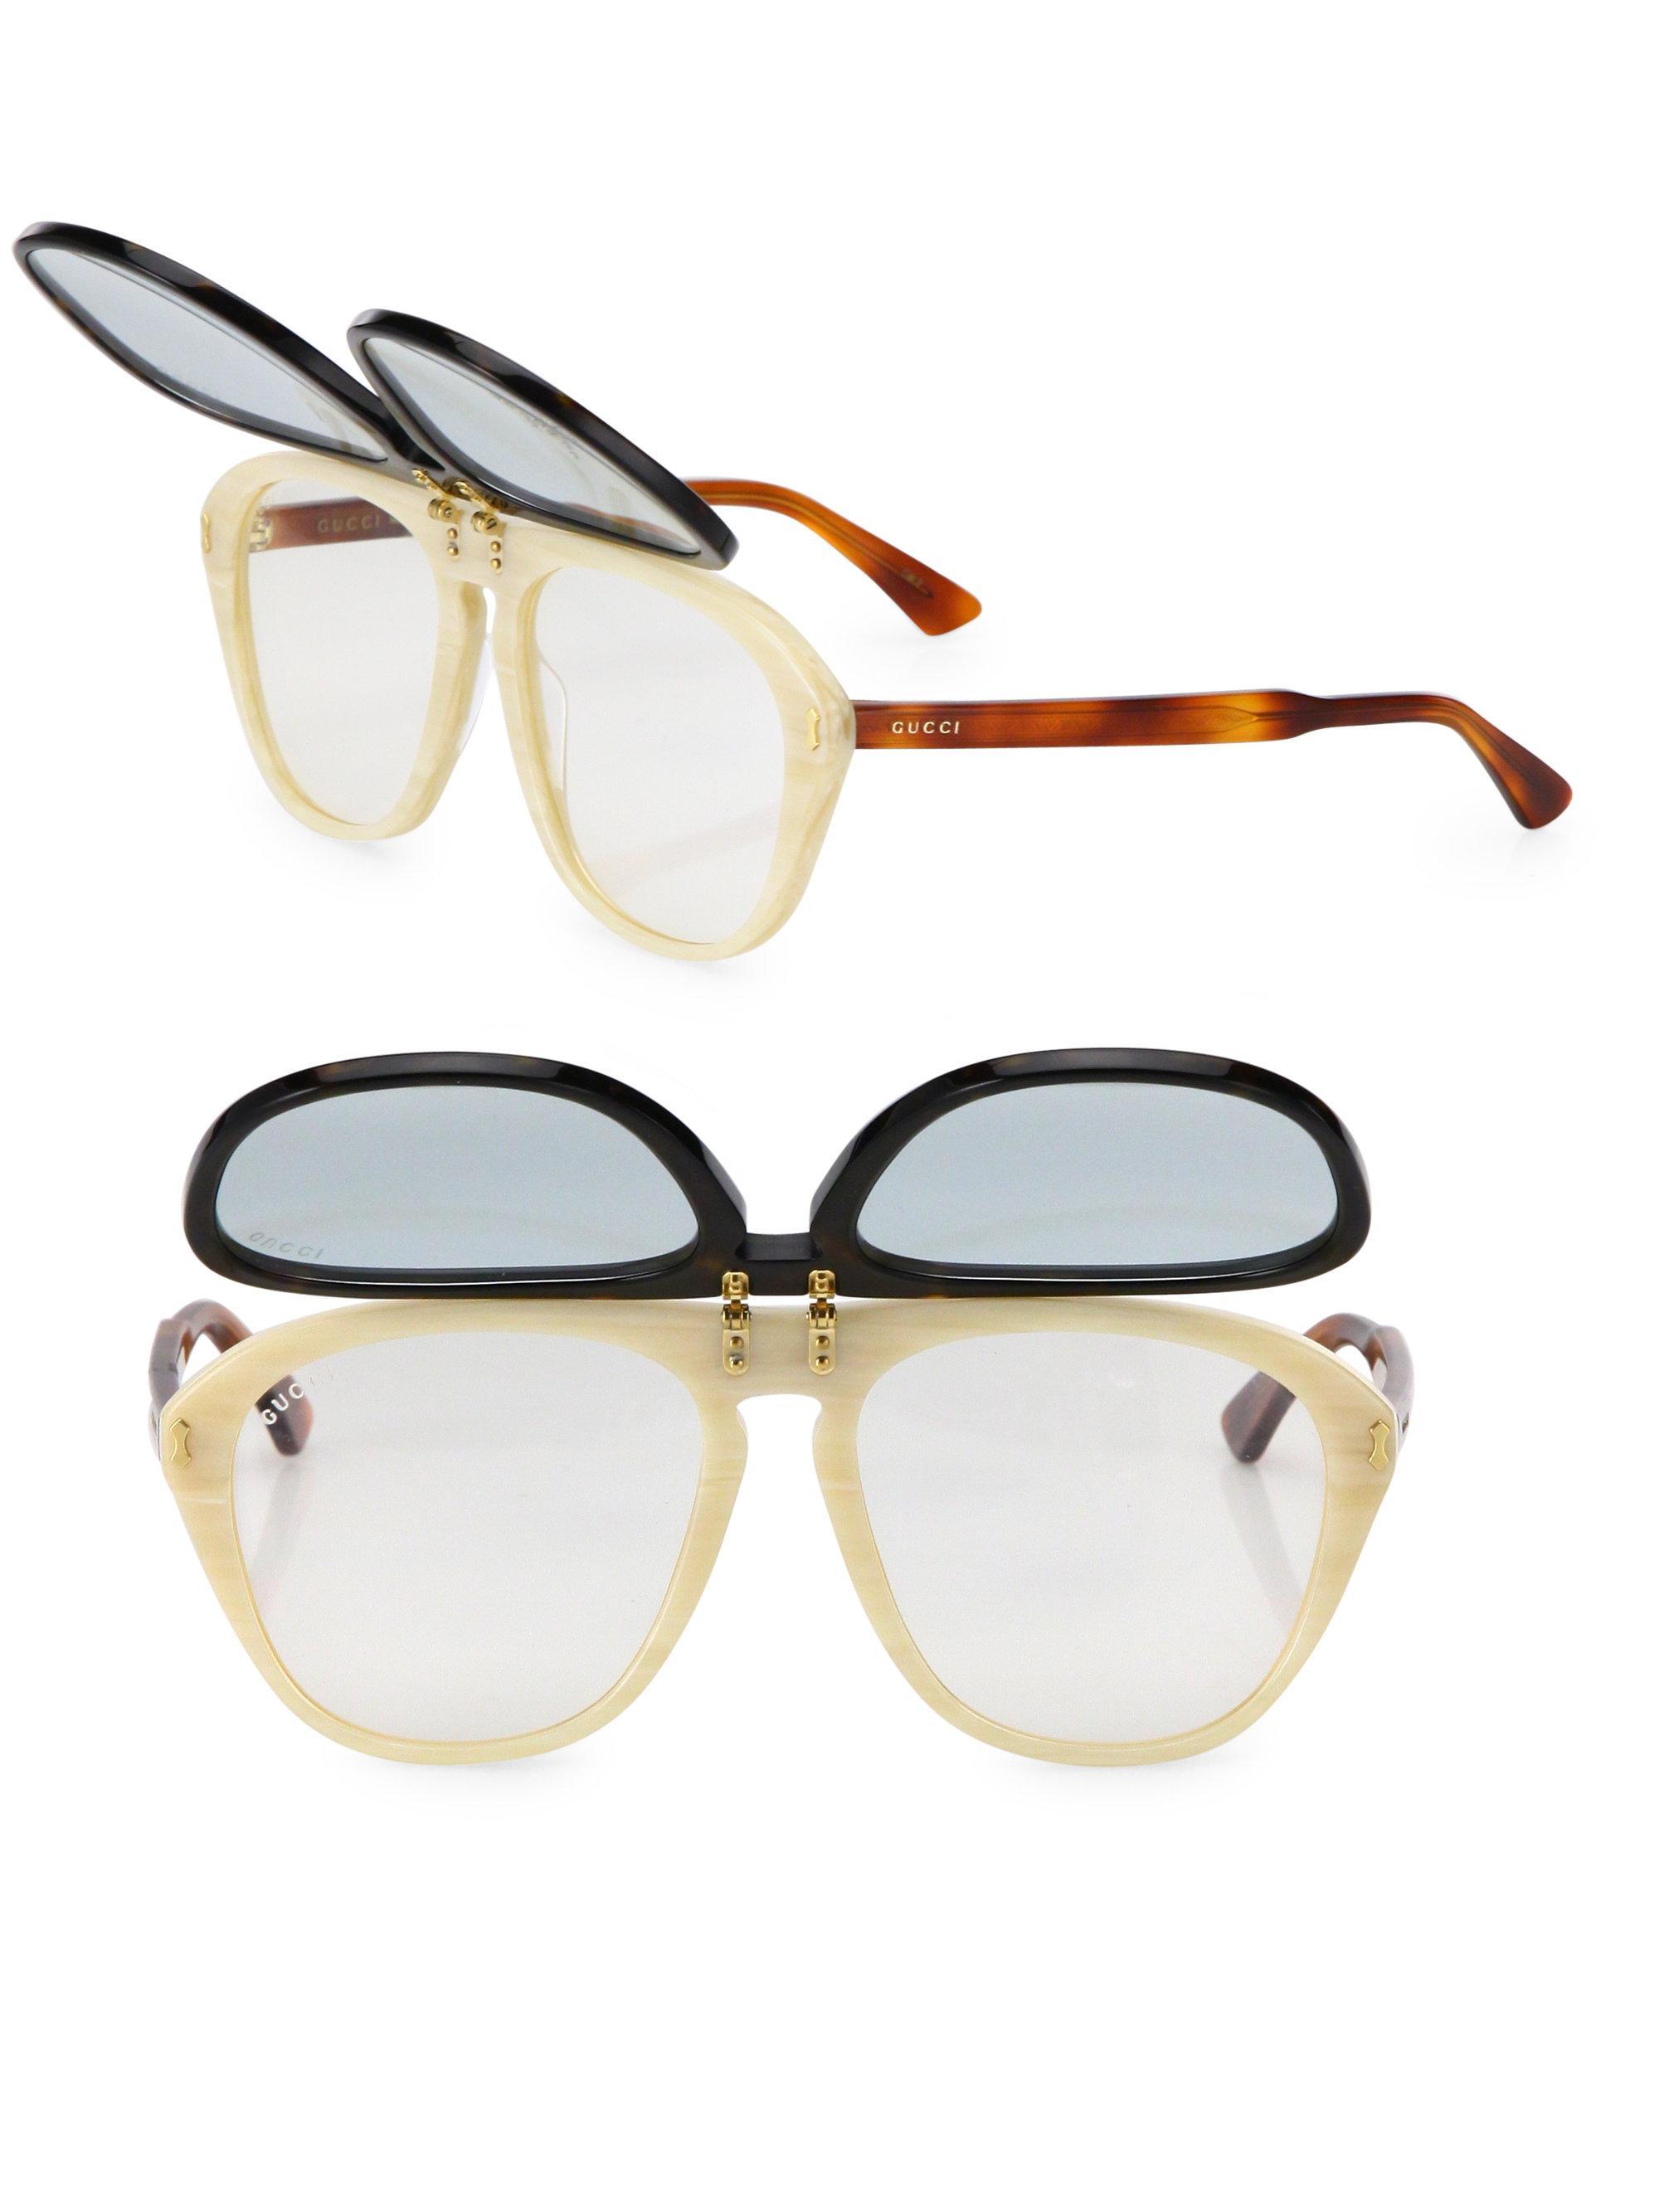 cbda56c619f Gucci Flip Up Sunglasses Replica - Bitterroot Public Library